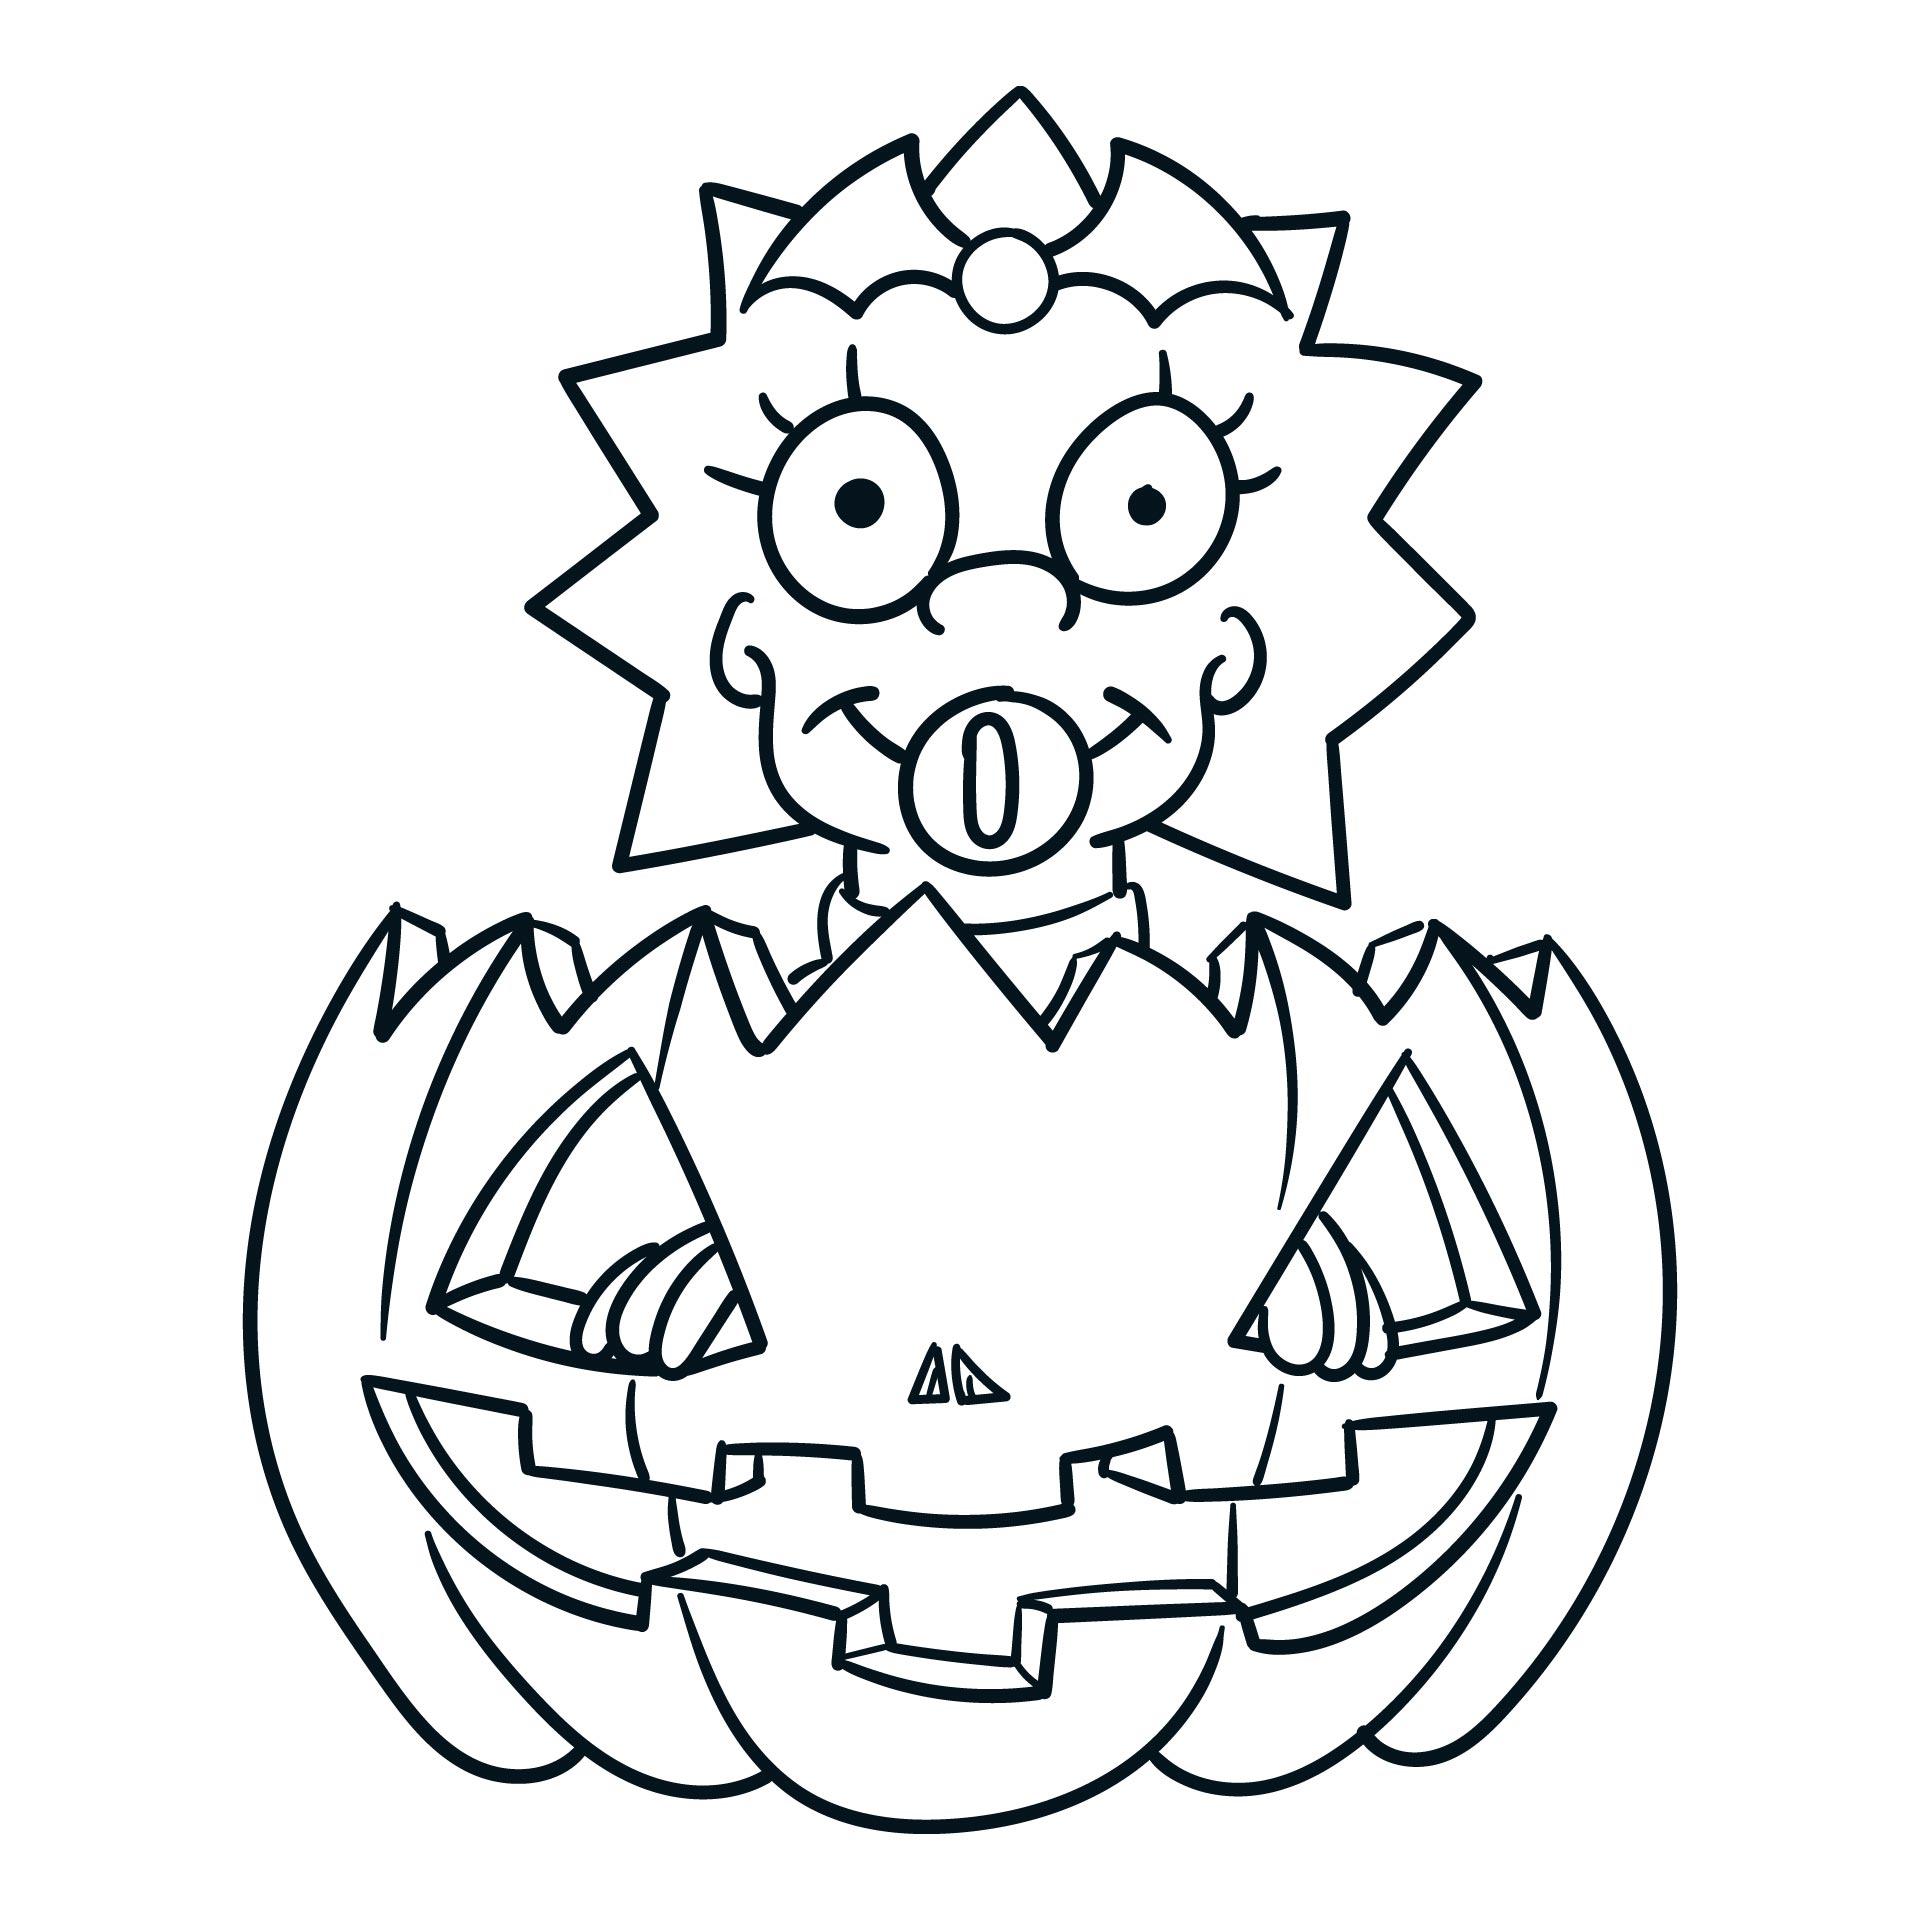 4 Best Images of Pre School Halloween Activity Printable ...